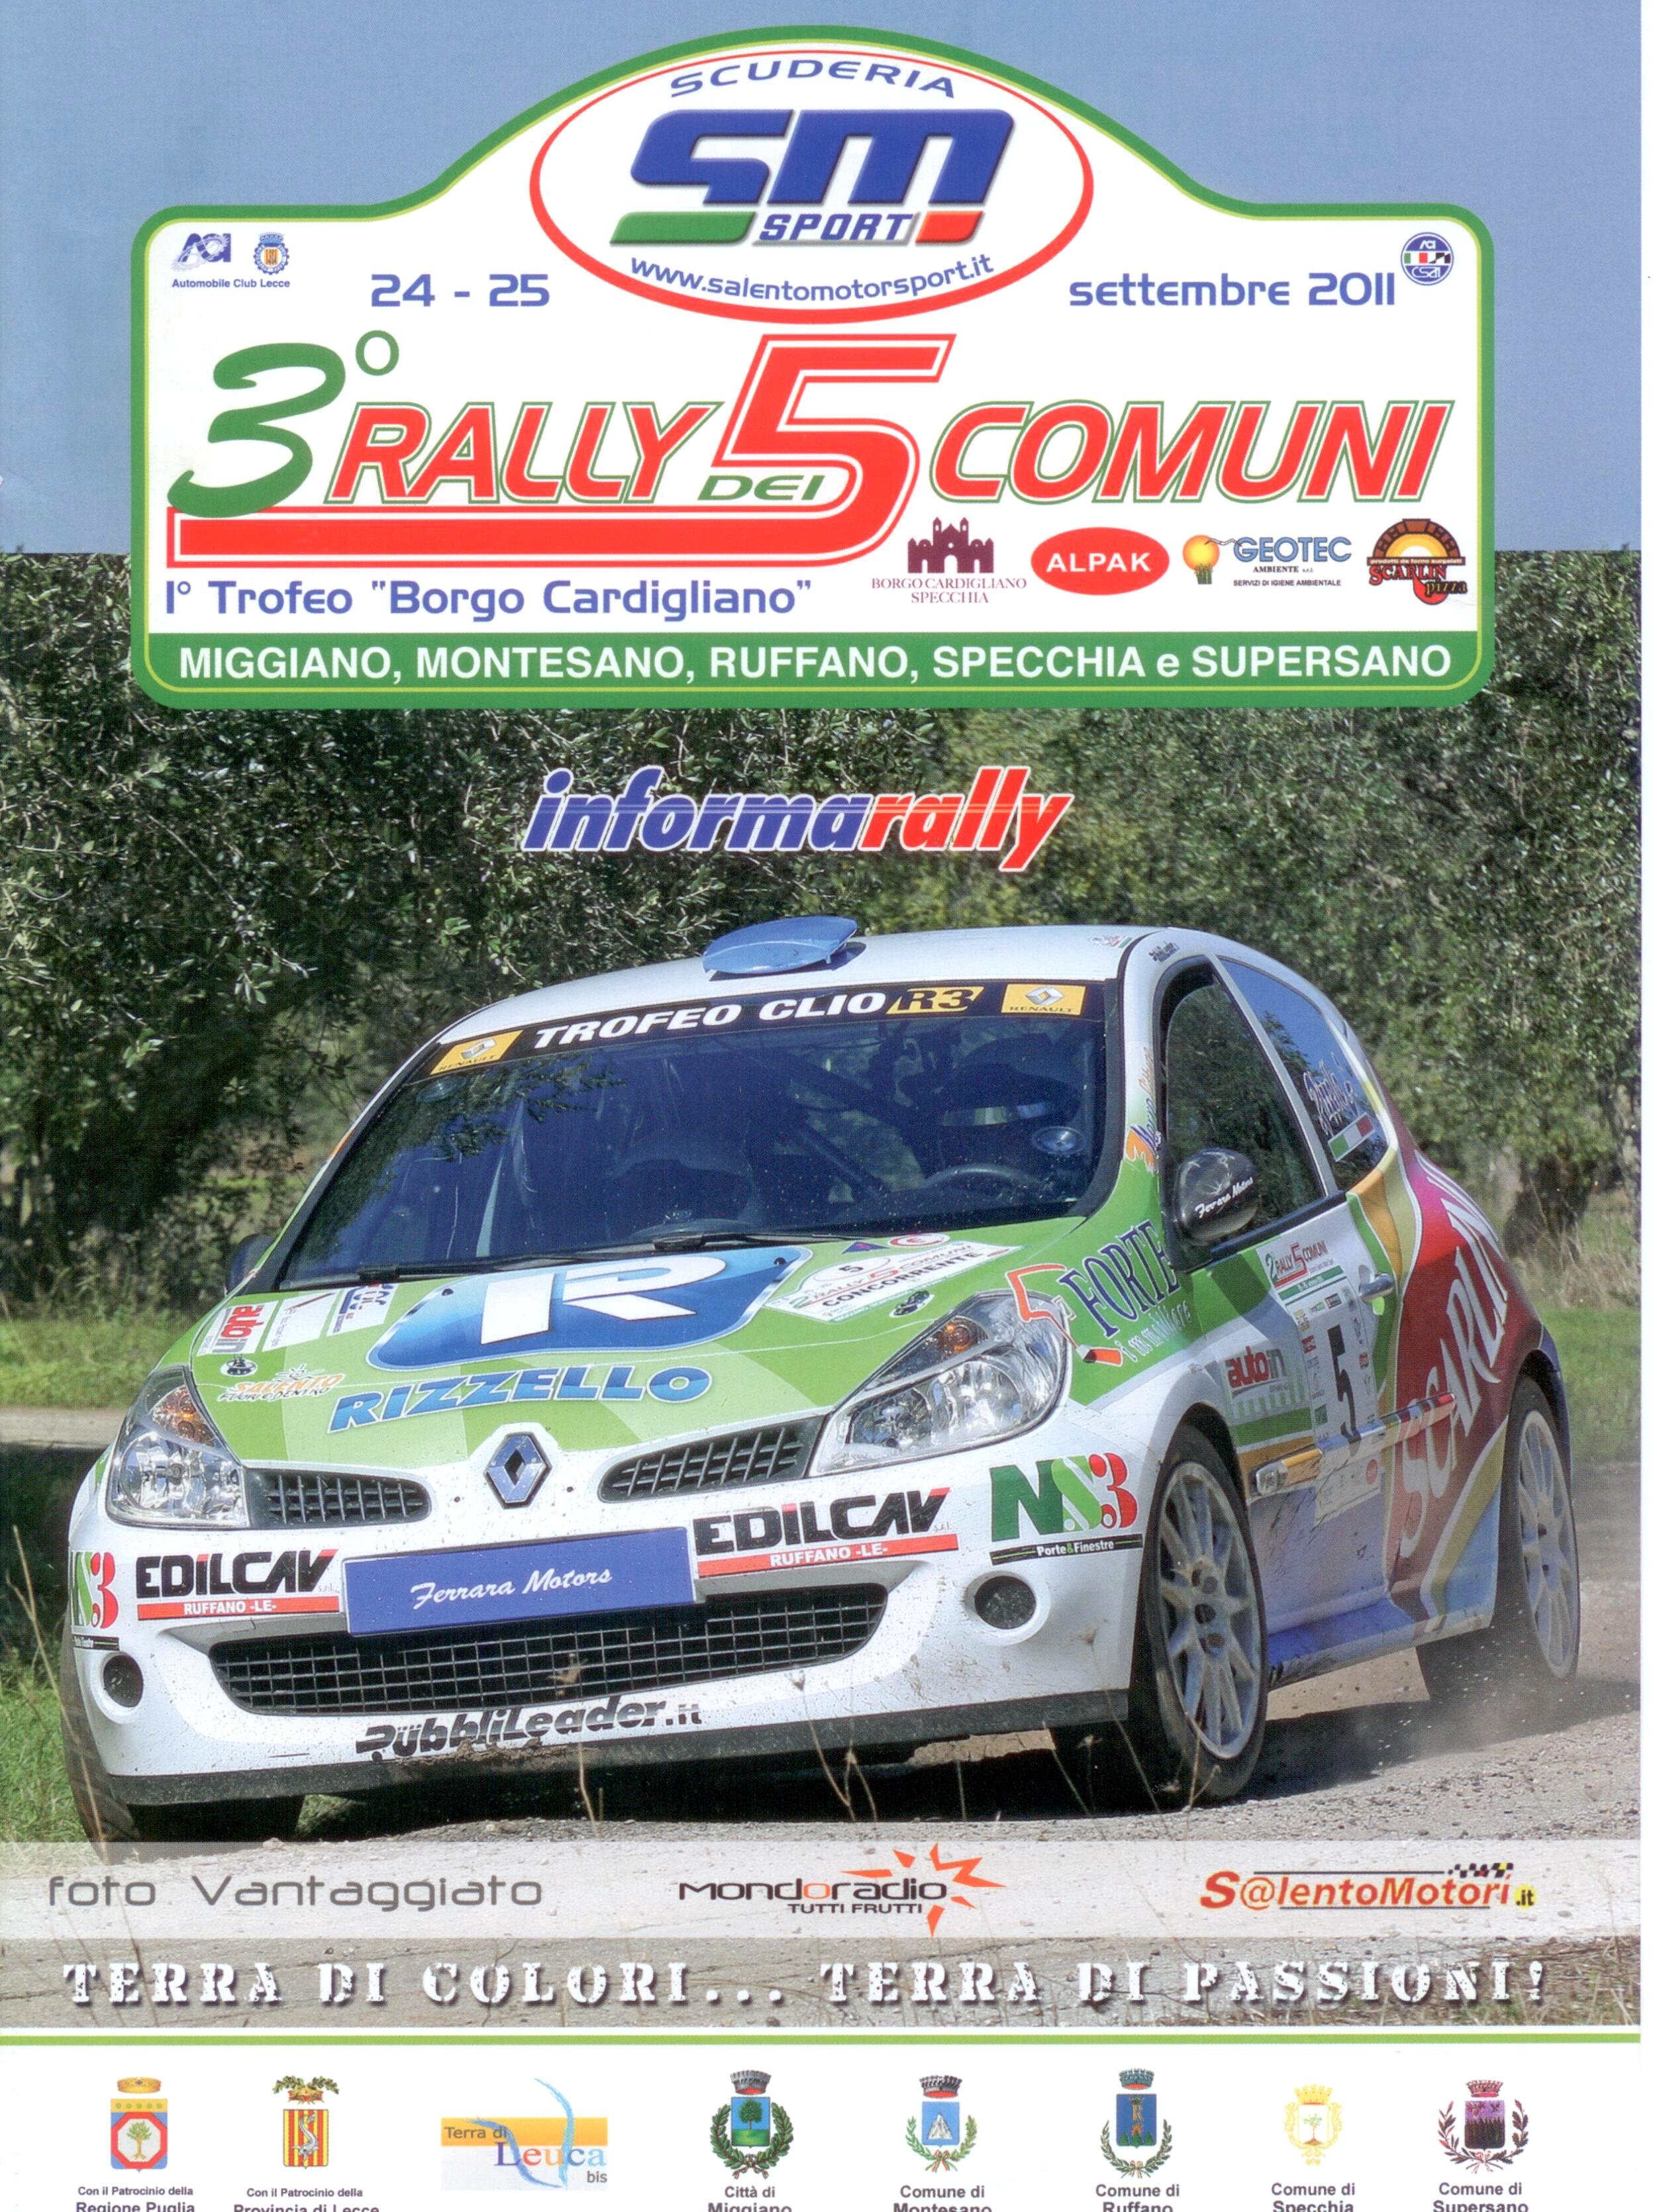 ruffano-Rally-cinque-comuni-1